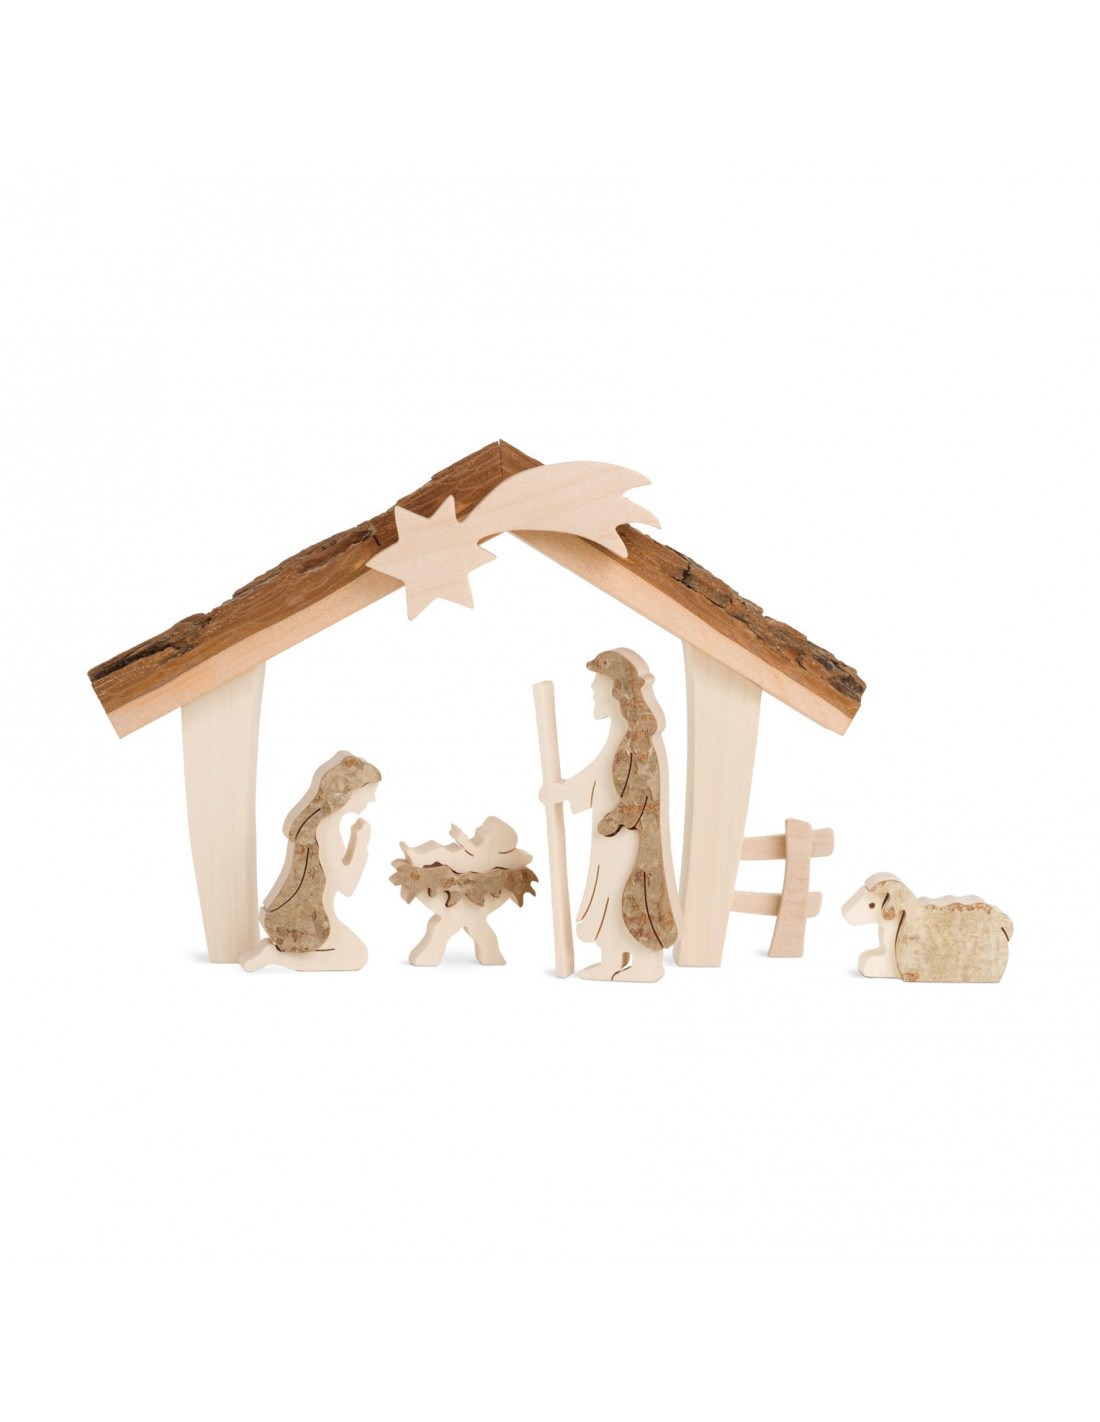 Kerststal hout houtspel duurzaam houten speelgoed for Huis duurzaam maken